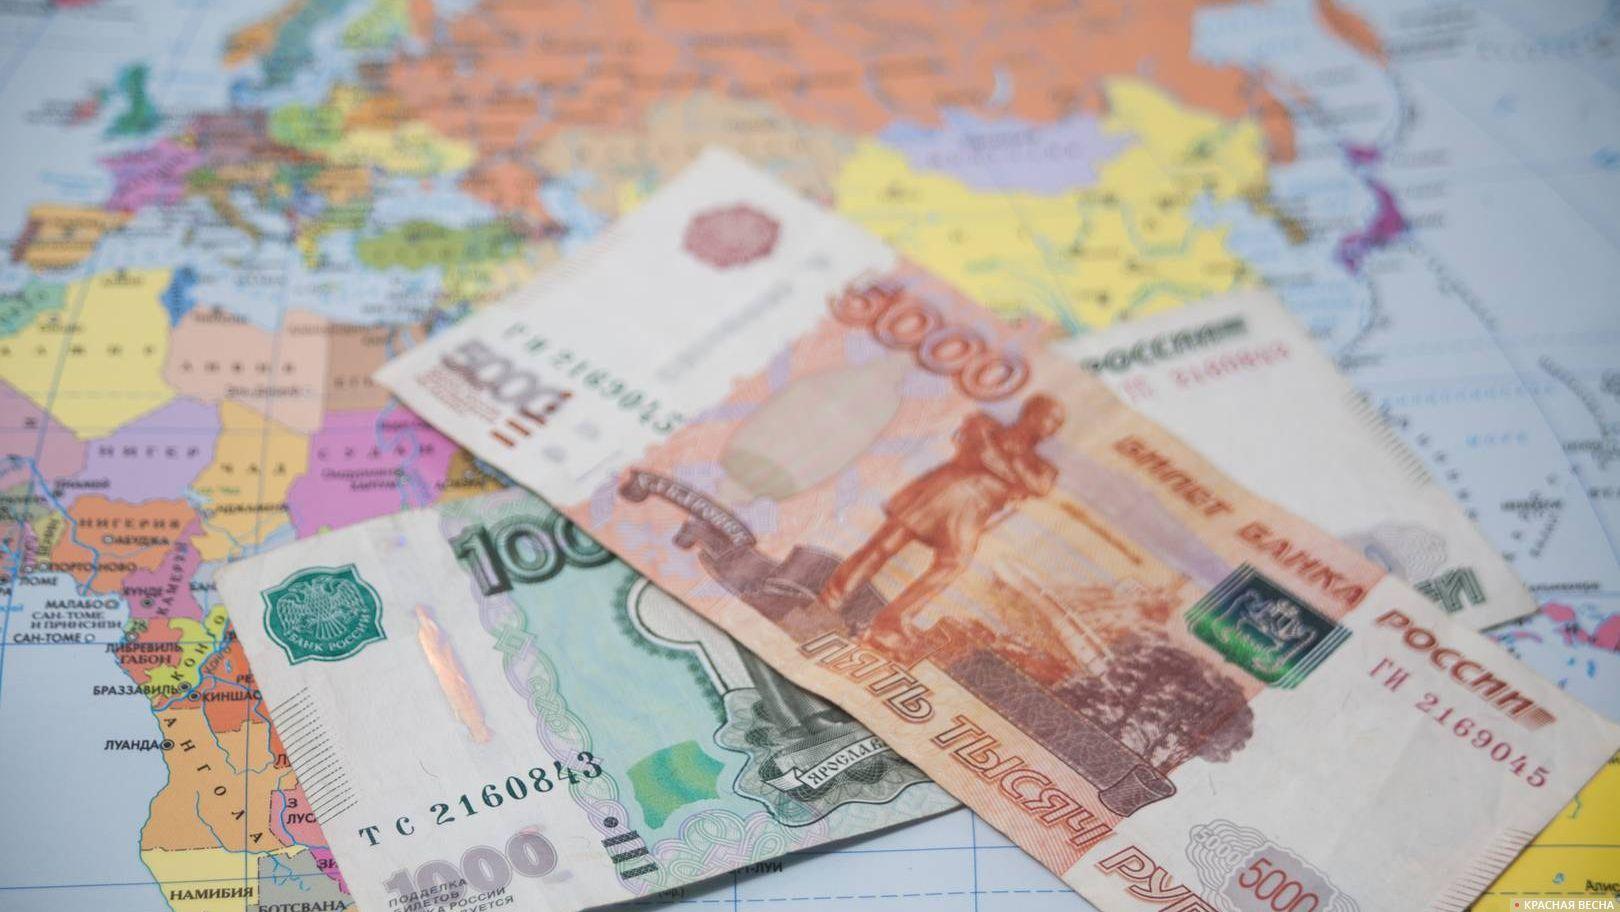 Система платежей Western Union установила предел наперевод денежных средств заграницу